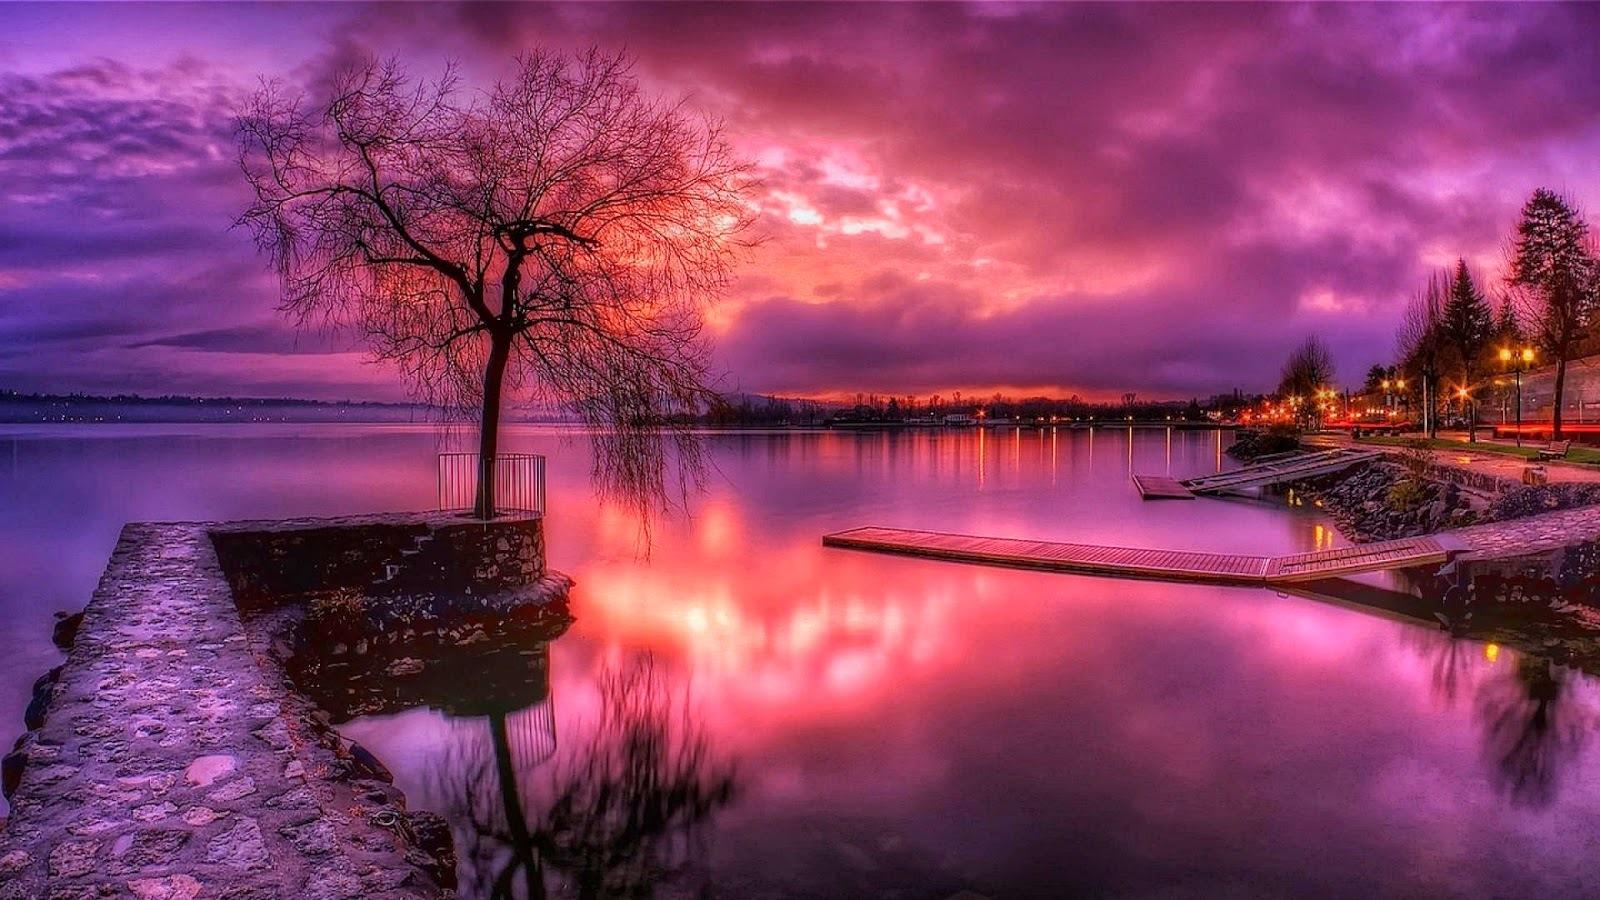 картинки розовый вечер в городе такую